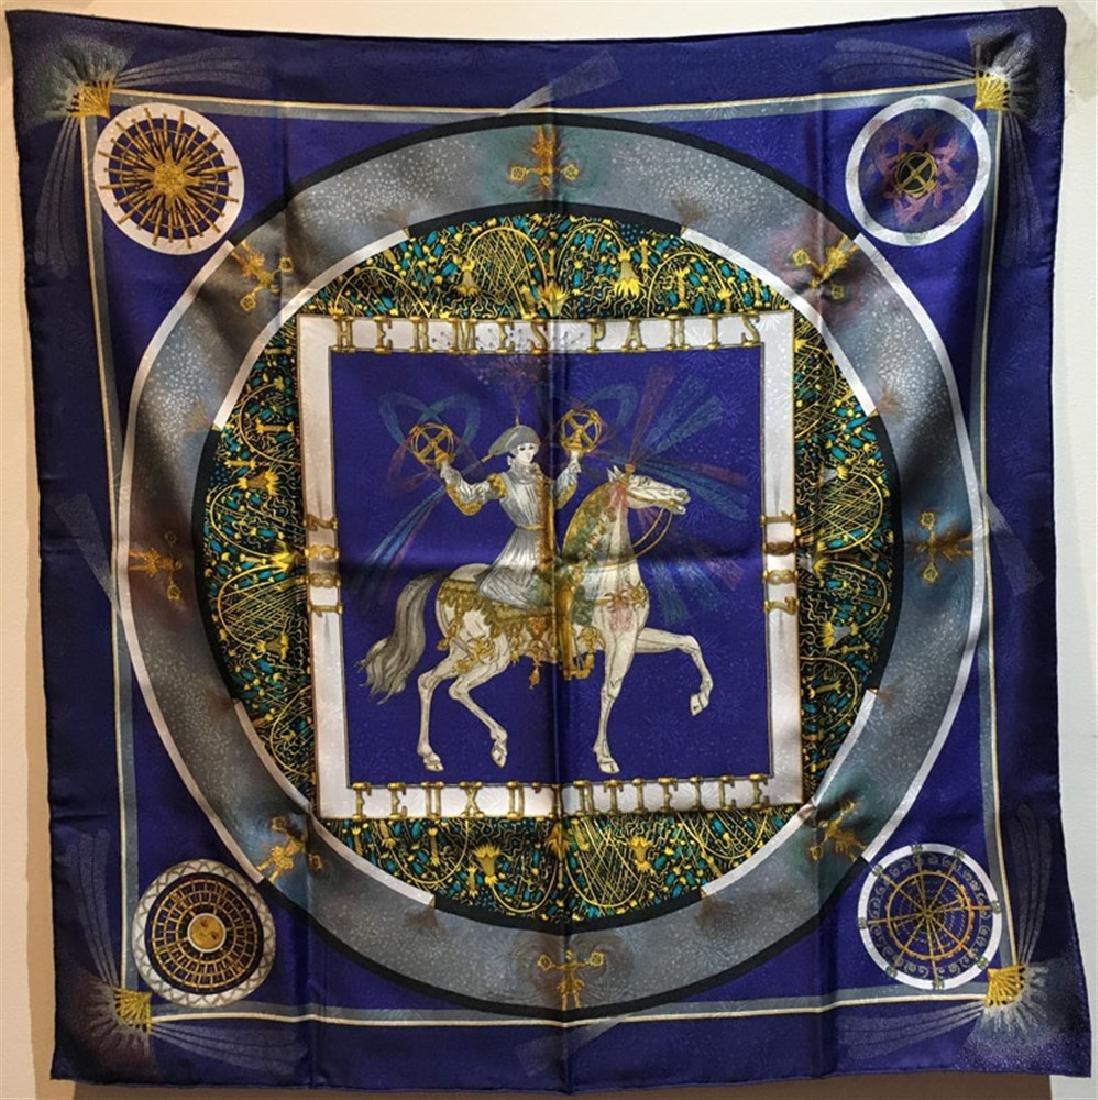 Hermes Vintage Feux D'artifice Silk Scarf in Navy